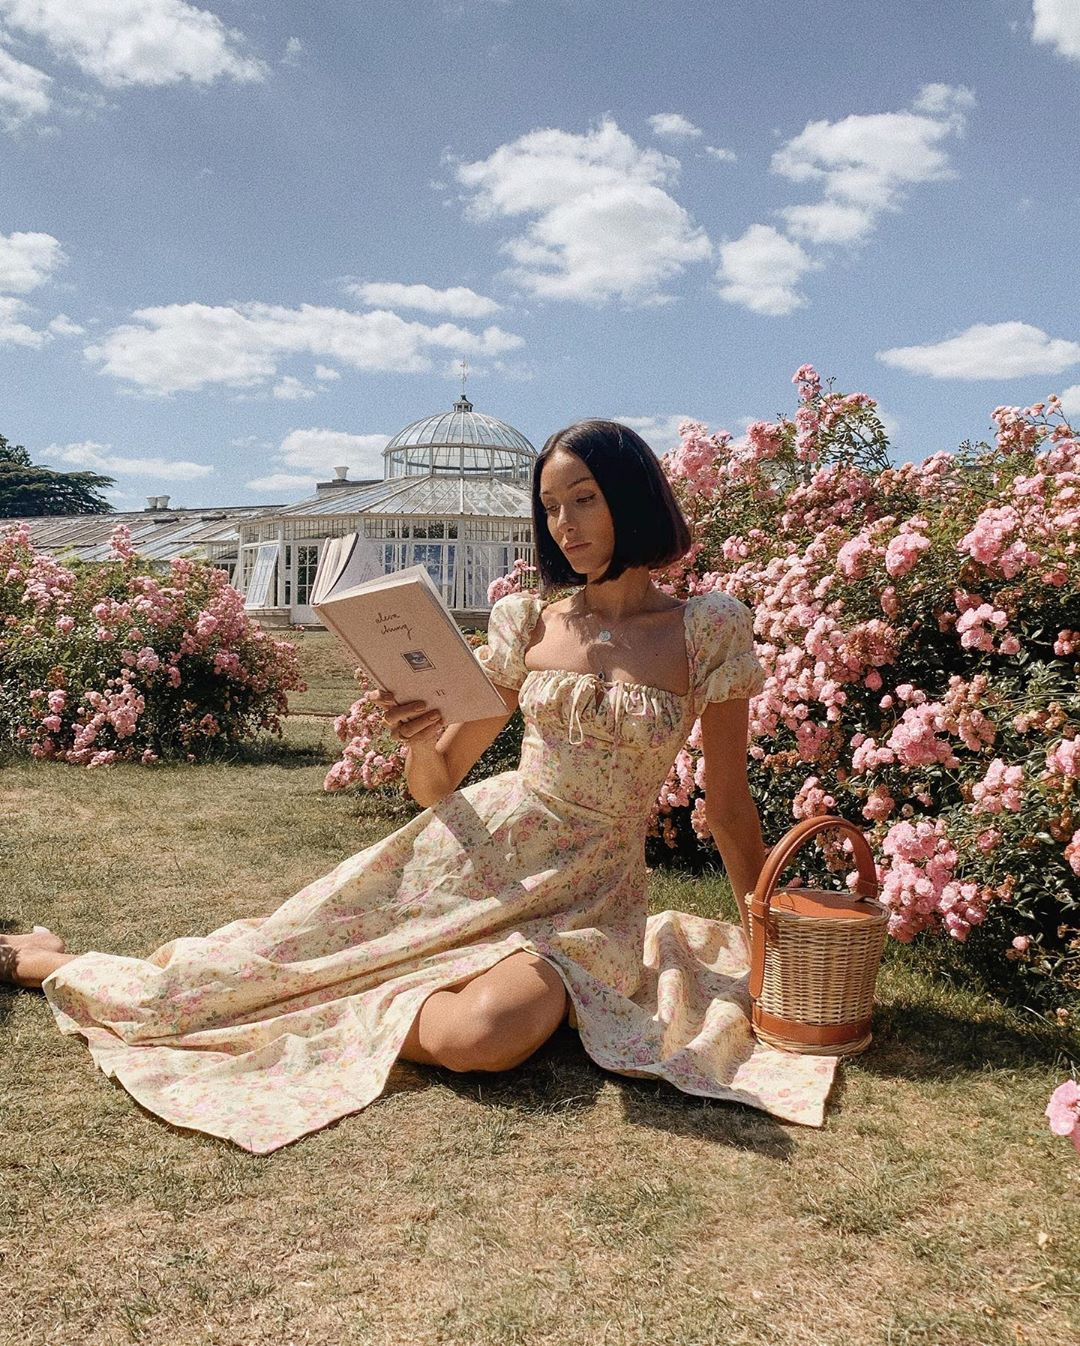 cô gái mặc váy hoa vàng ngồi trên bãi cỏ đọc sách